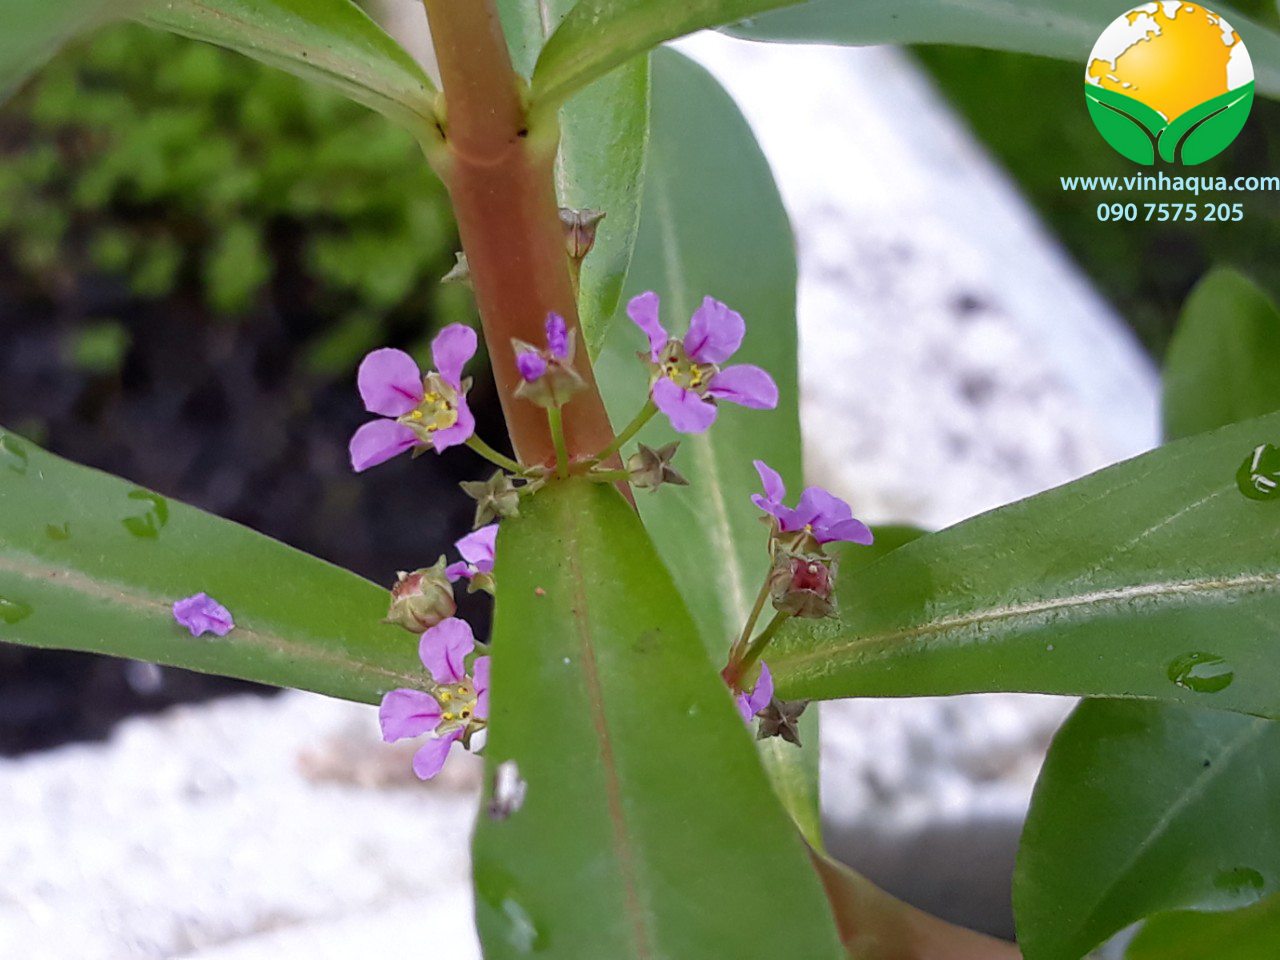 Hoa của cây thủy sinh Hồng Liễu